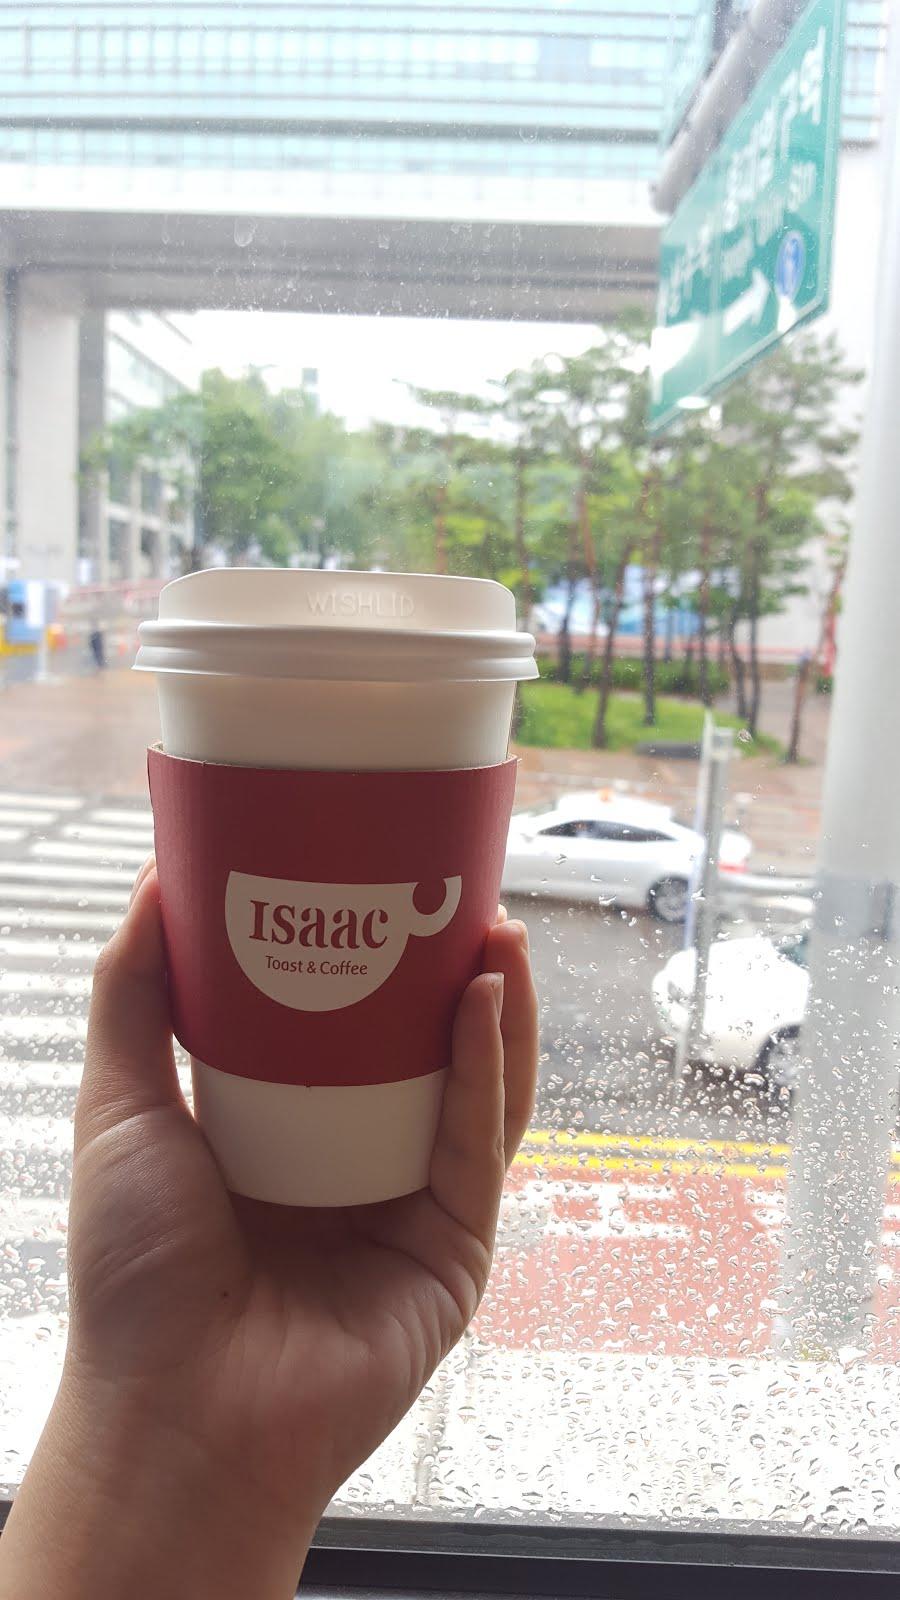 Erika Travels Seoul 2017 Day 2 Part 1 Hongdae S Isaac